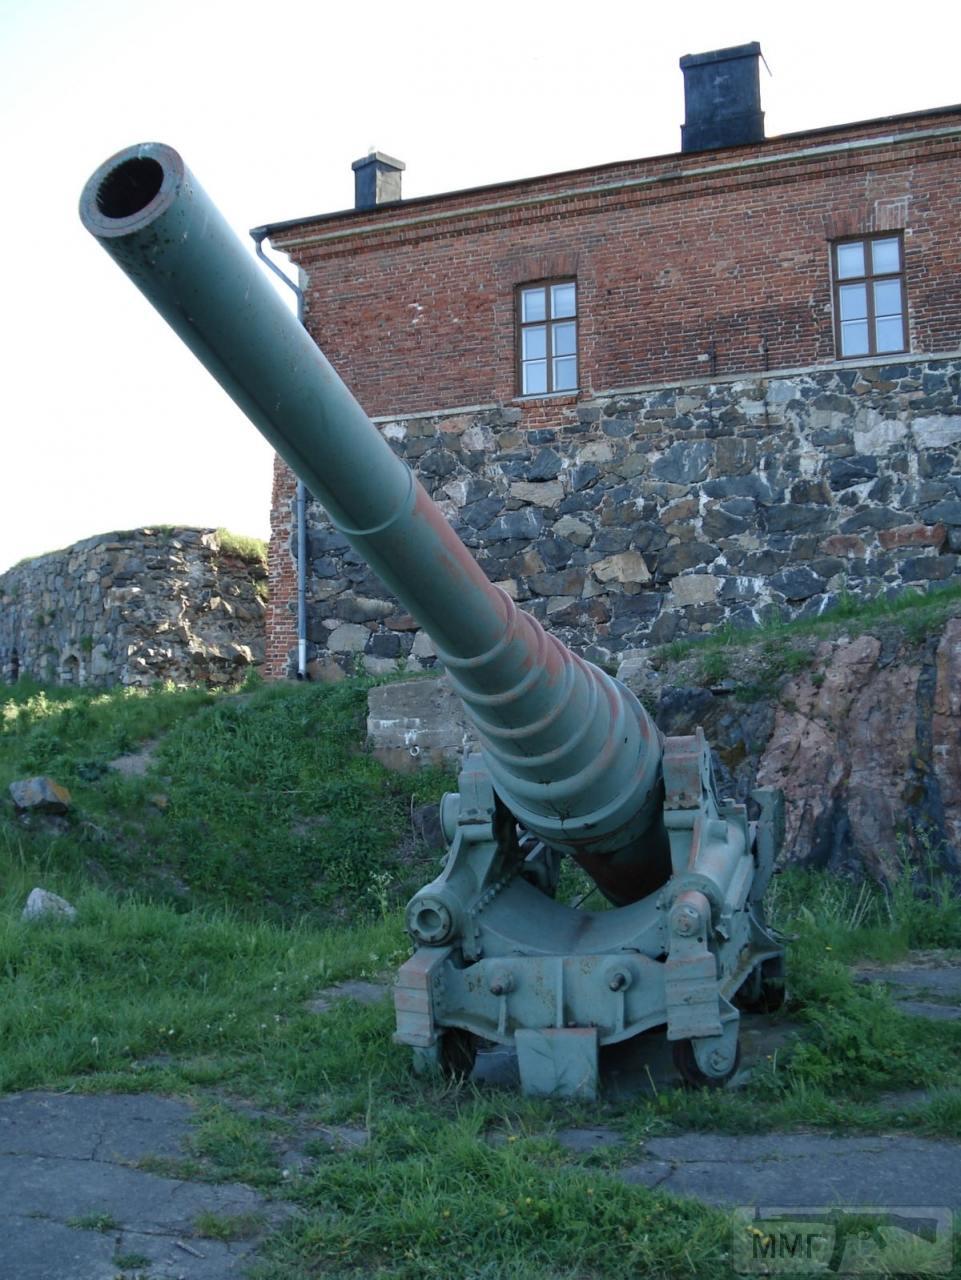 30583 - Корабельные пушки-монстры в музеях и во дворах...